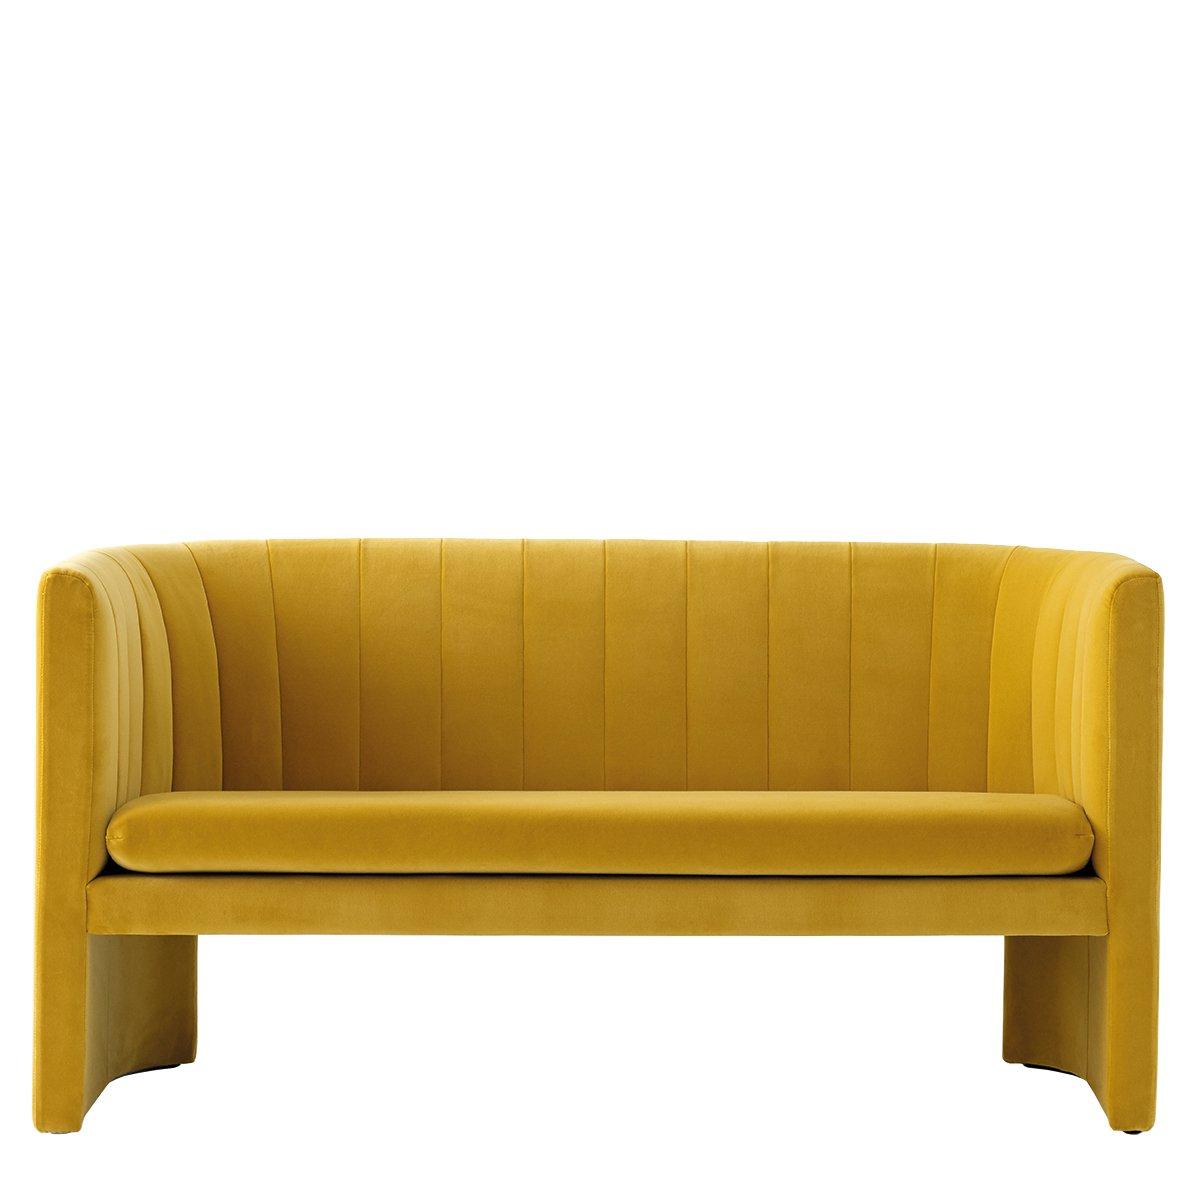 &Tradition Loafer Bank SC25 - Velvet Dandelion